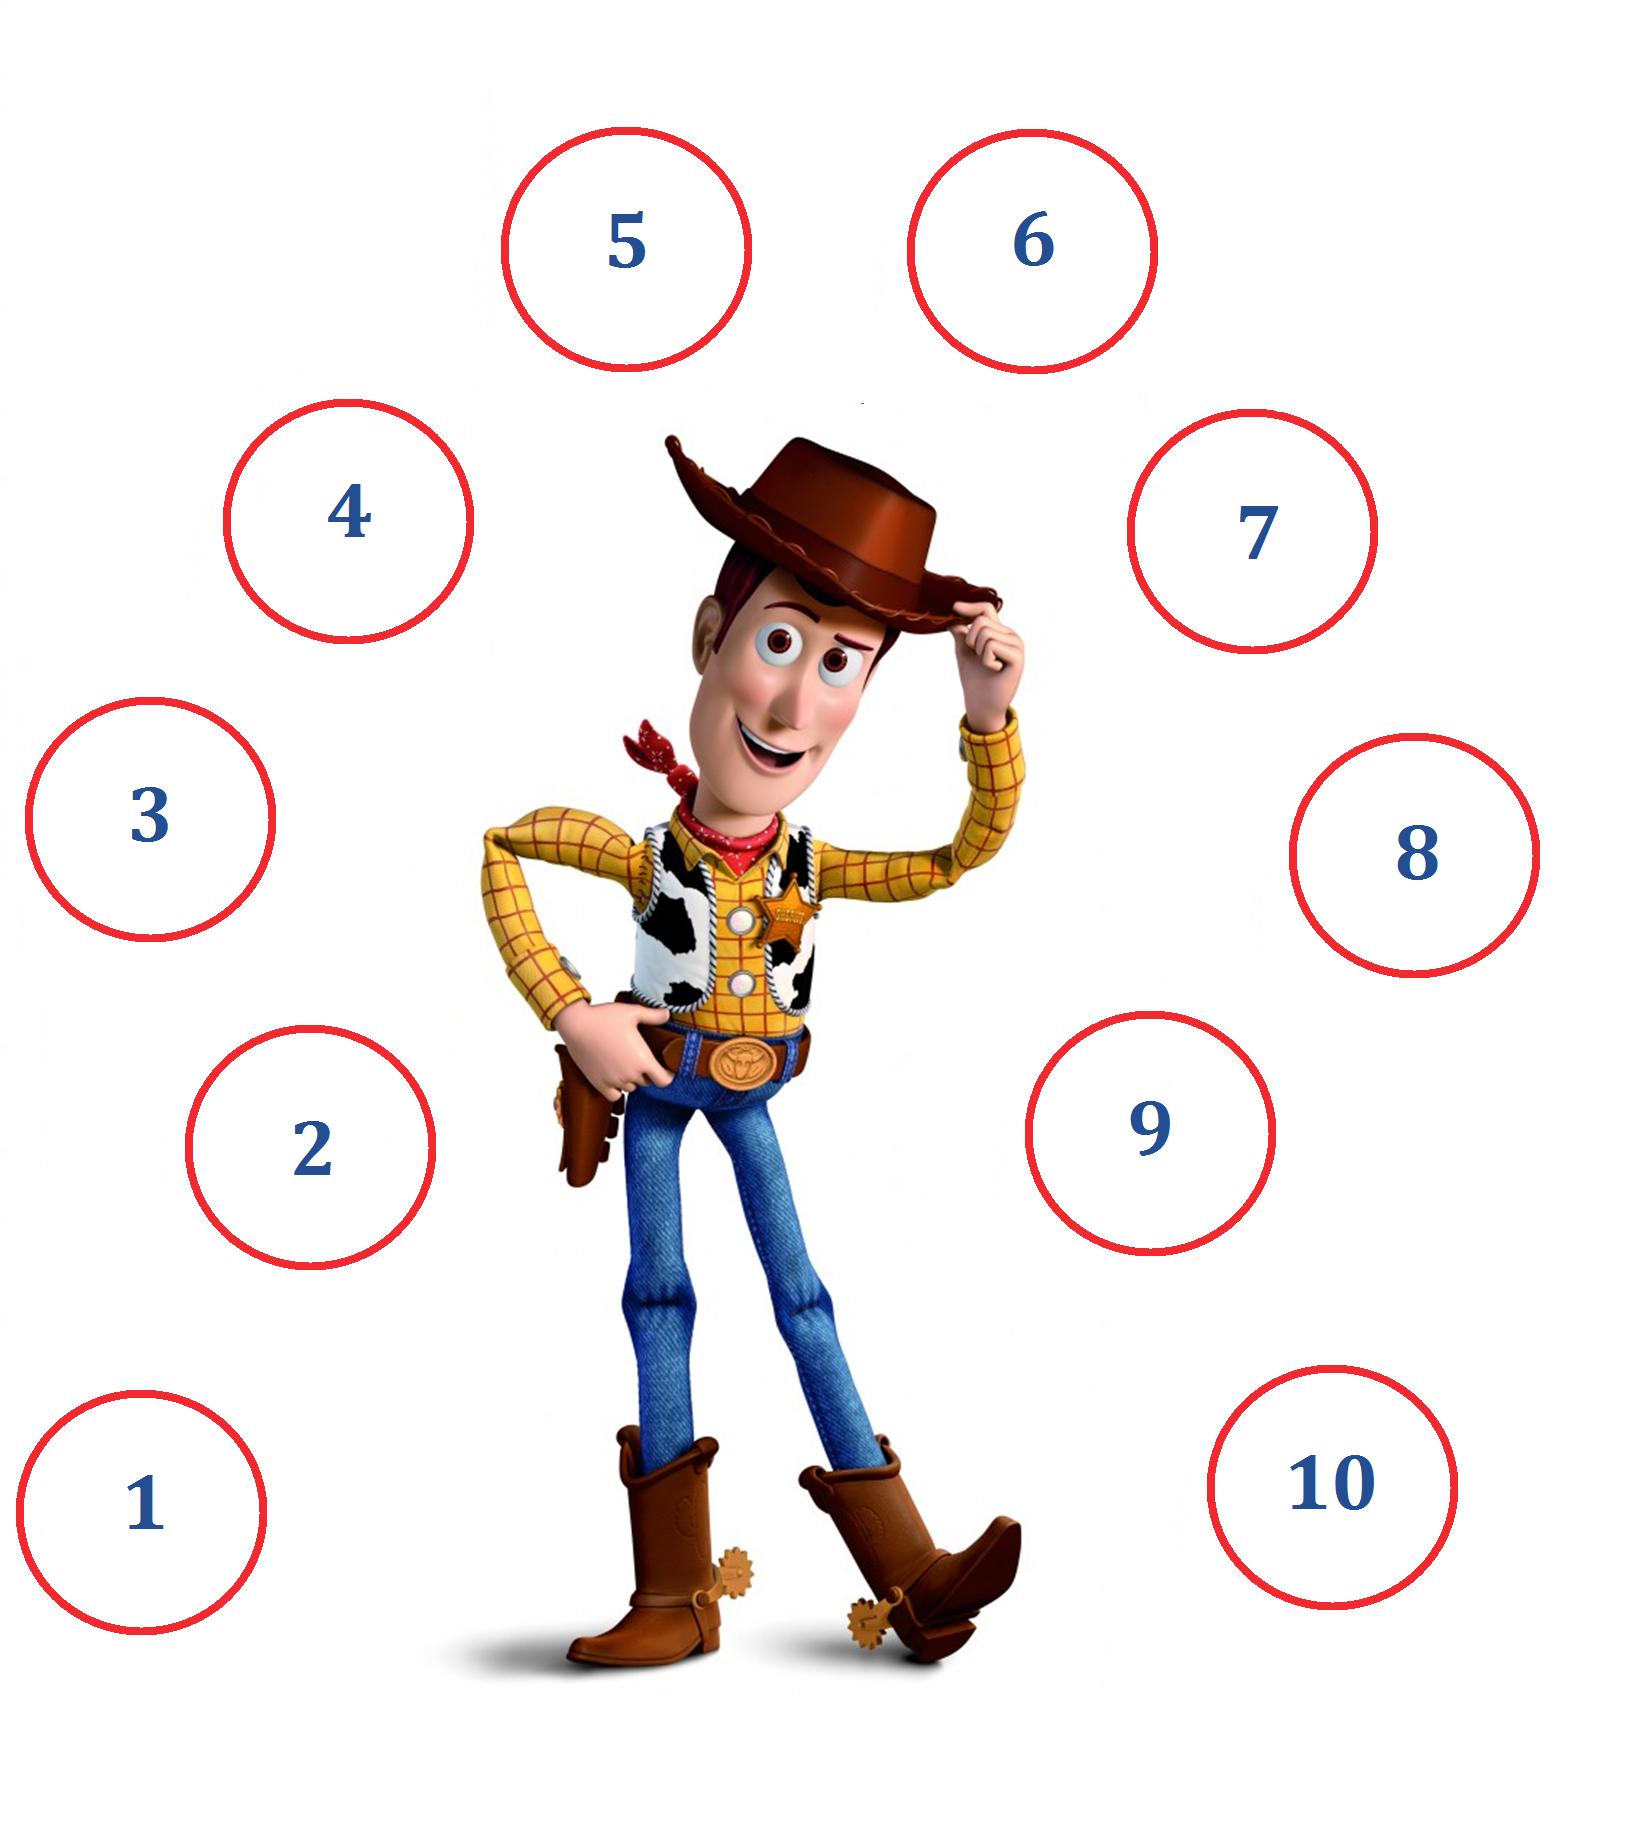 Toy Story Potty Training : Potty chart extravaganza twinfinite fun